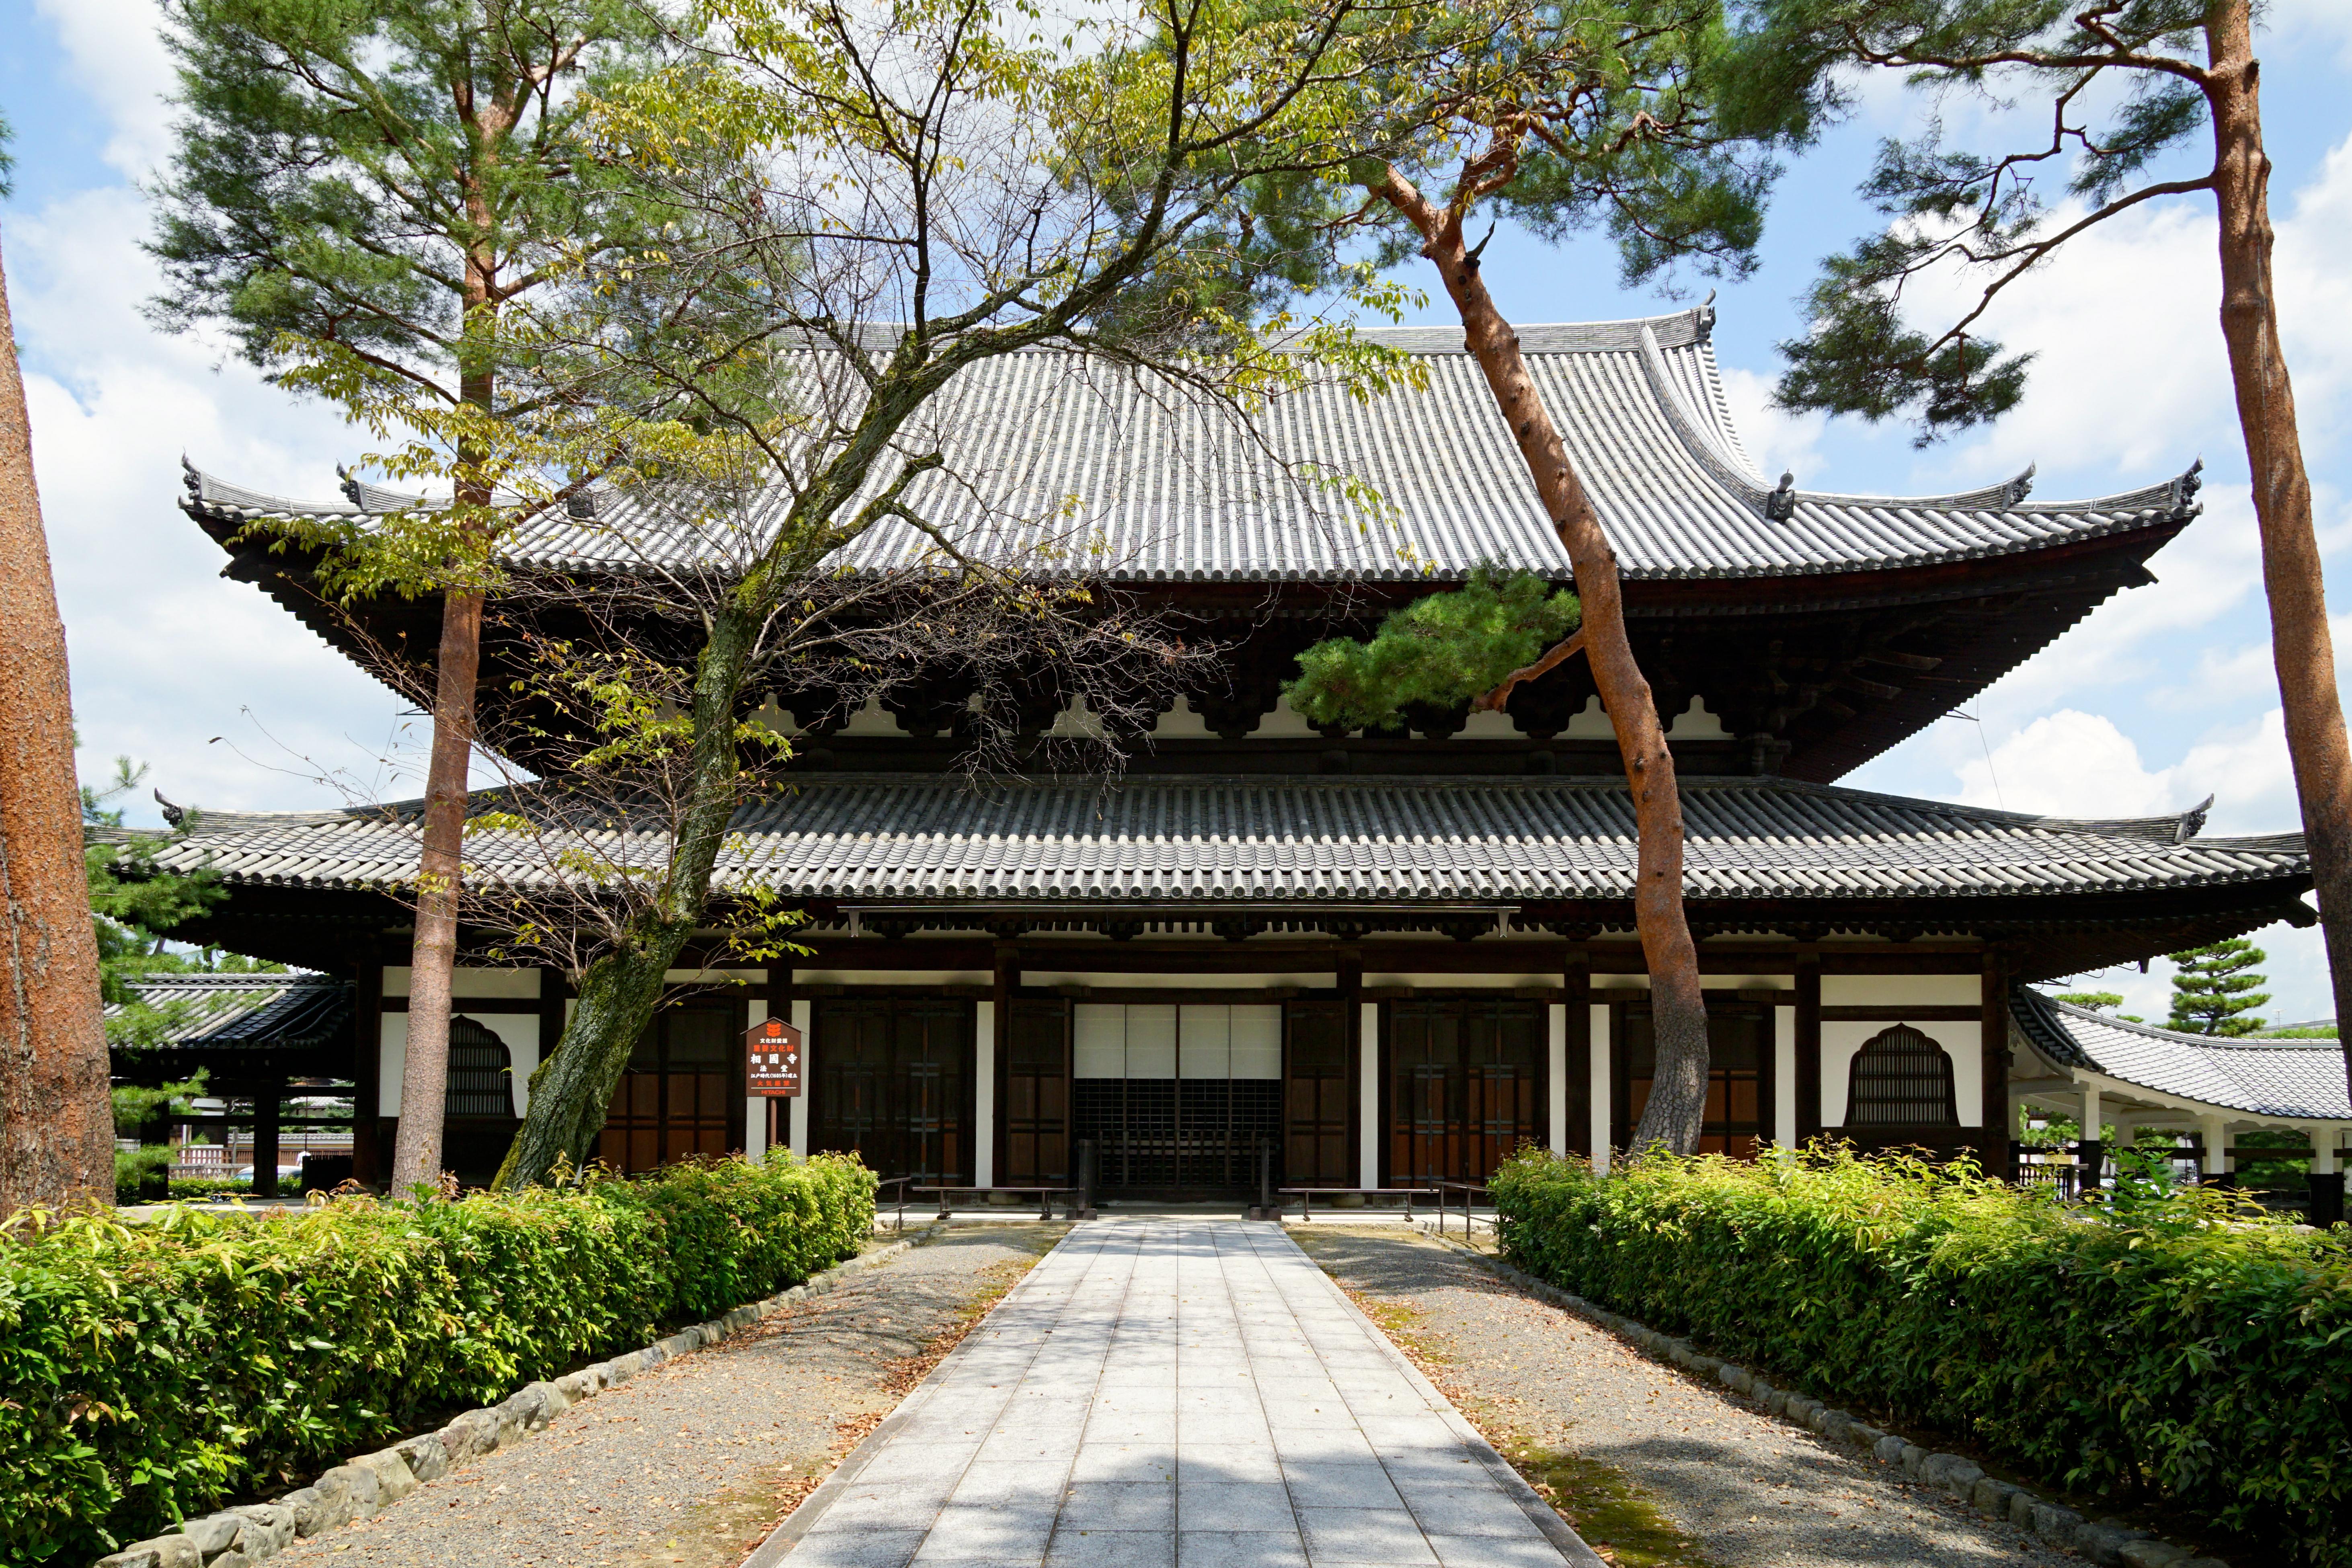 150815 Shokokuji Kyoto Japan02s3.jpg